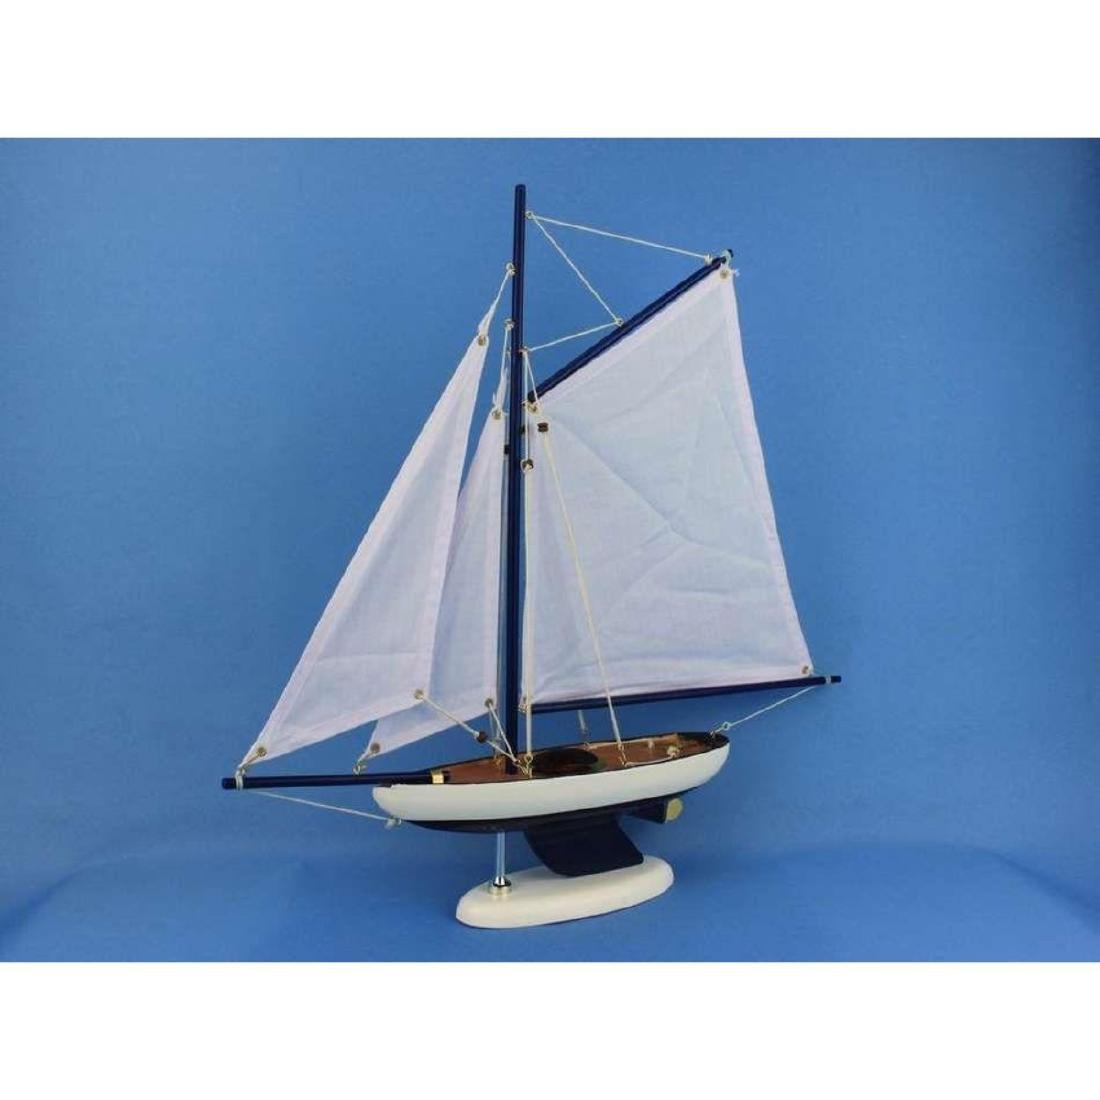 Wooden Bermuda Sloop Dark Blue - White Sails Model - 4